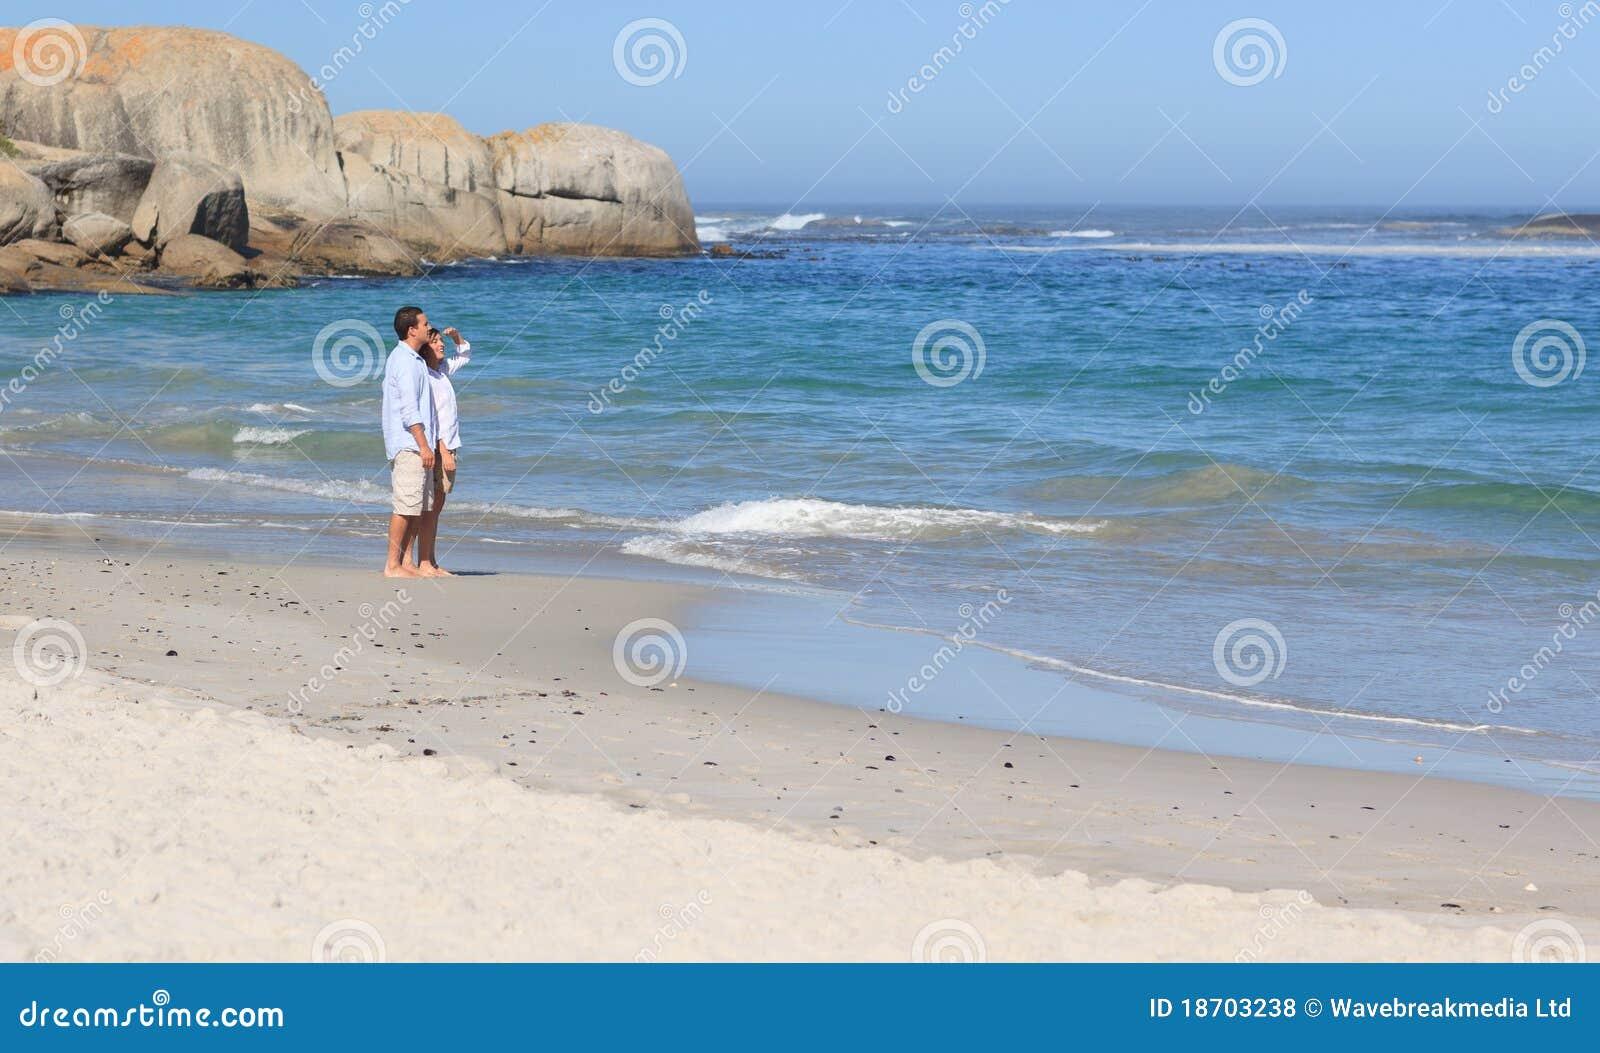 Фото семейной пары море пляж 19 фотография